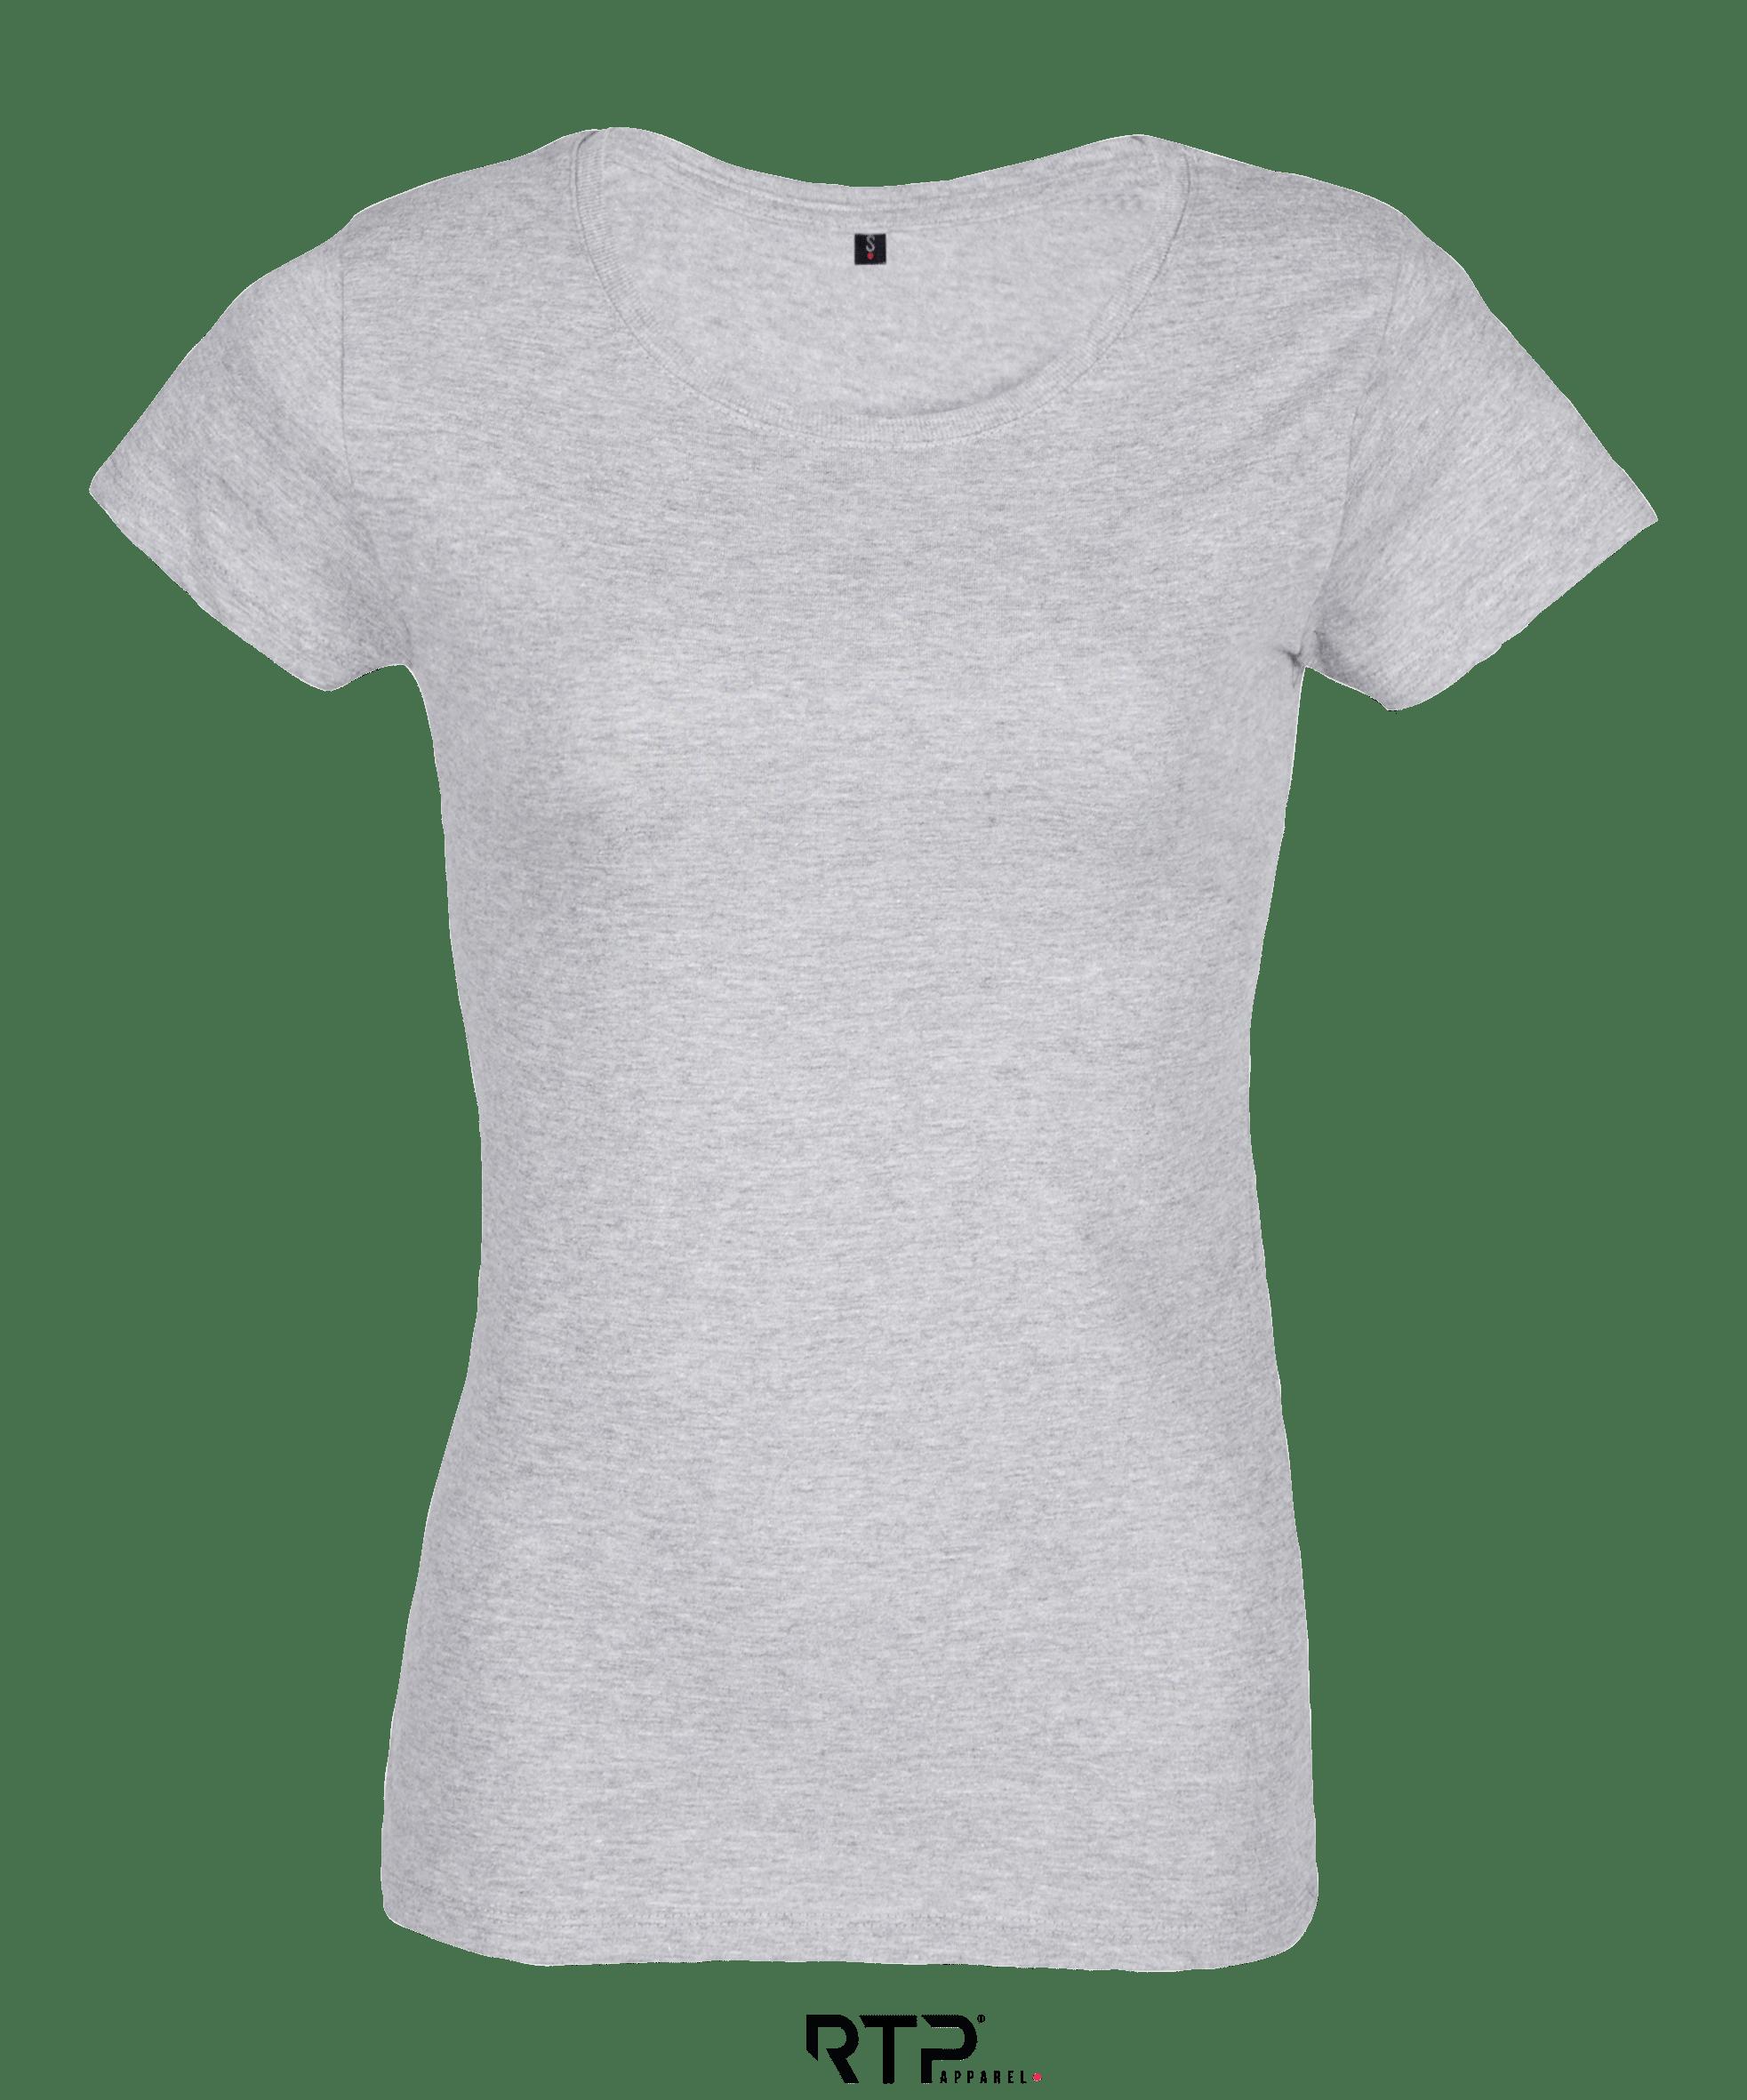 Camisetas pretratadas